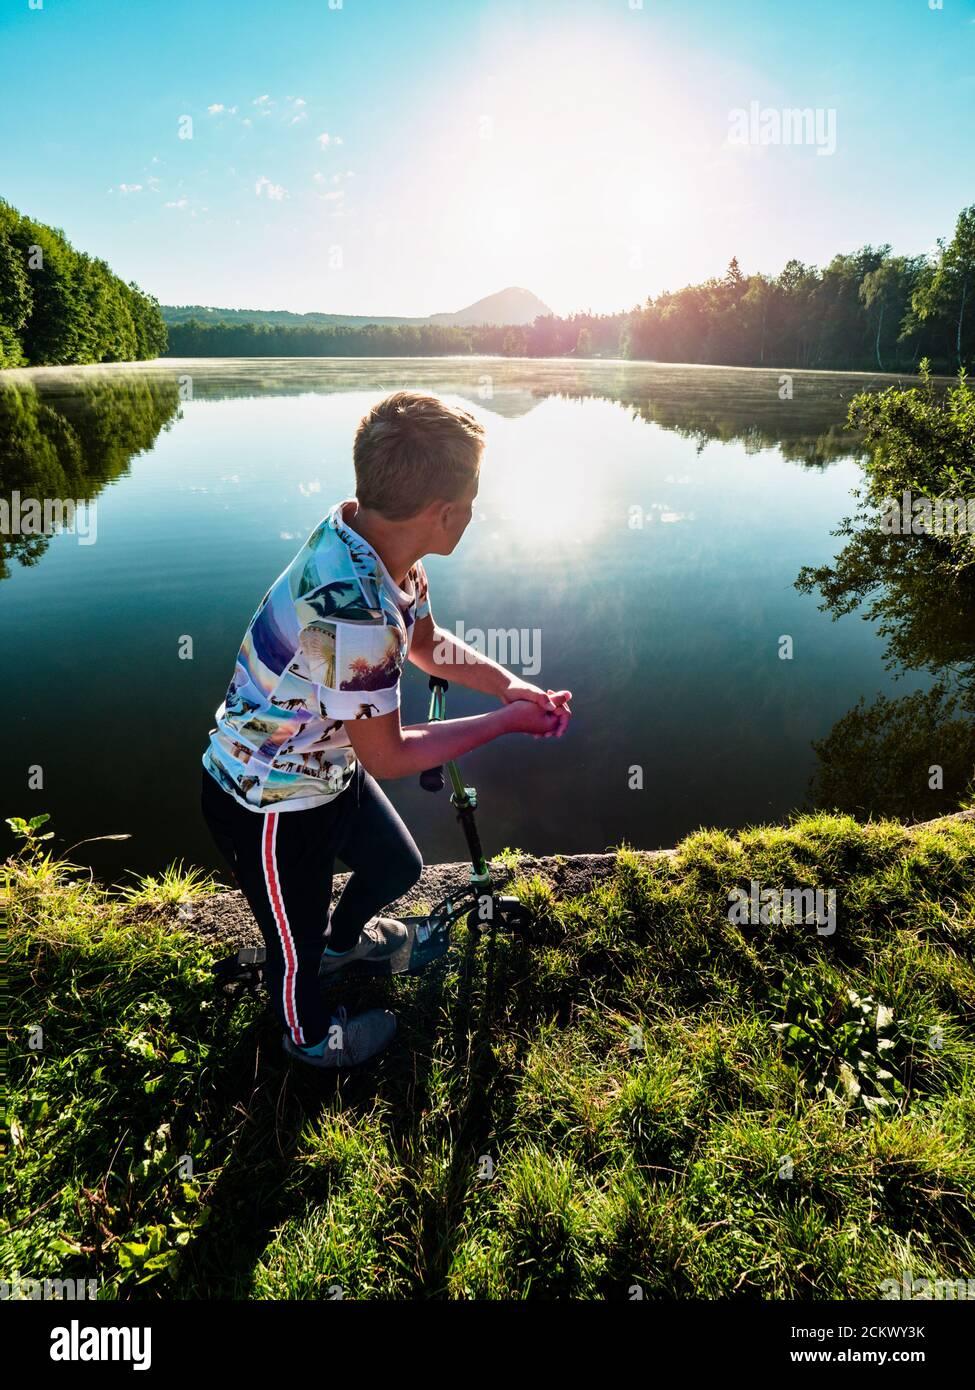 Un garçon de cheveux blond avec un scooter se tient sur un sentier de parc le long du lac. Concept de sports d'enfance. Le soleil du soir fait des éruptions et des réflexions dans l'eau. Banque D'Images